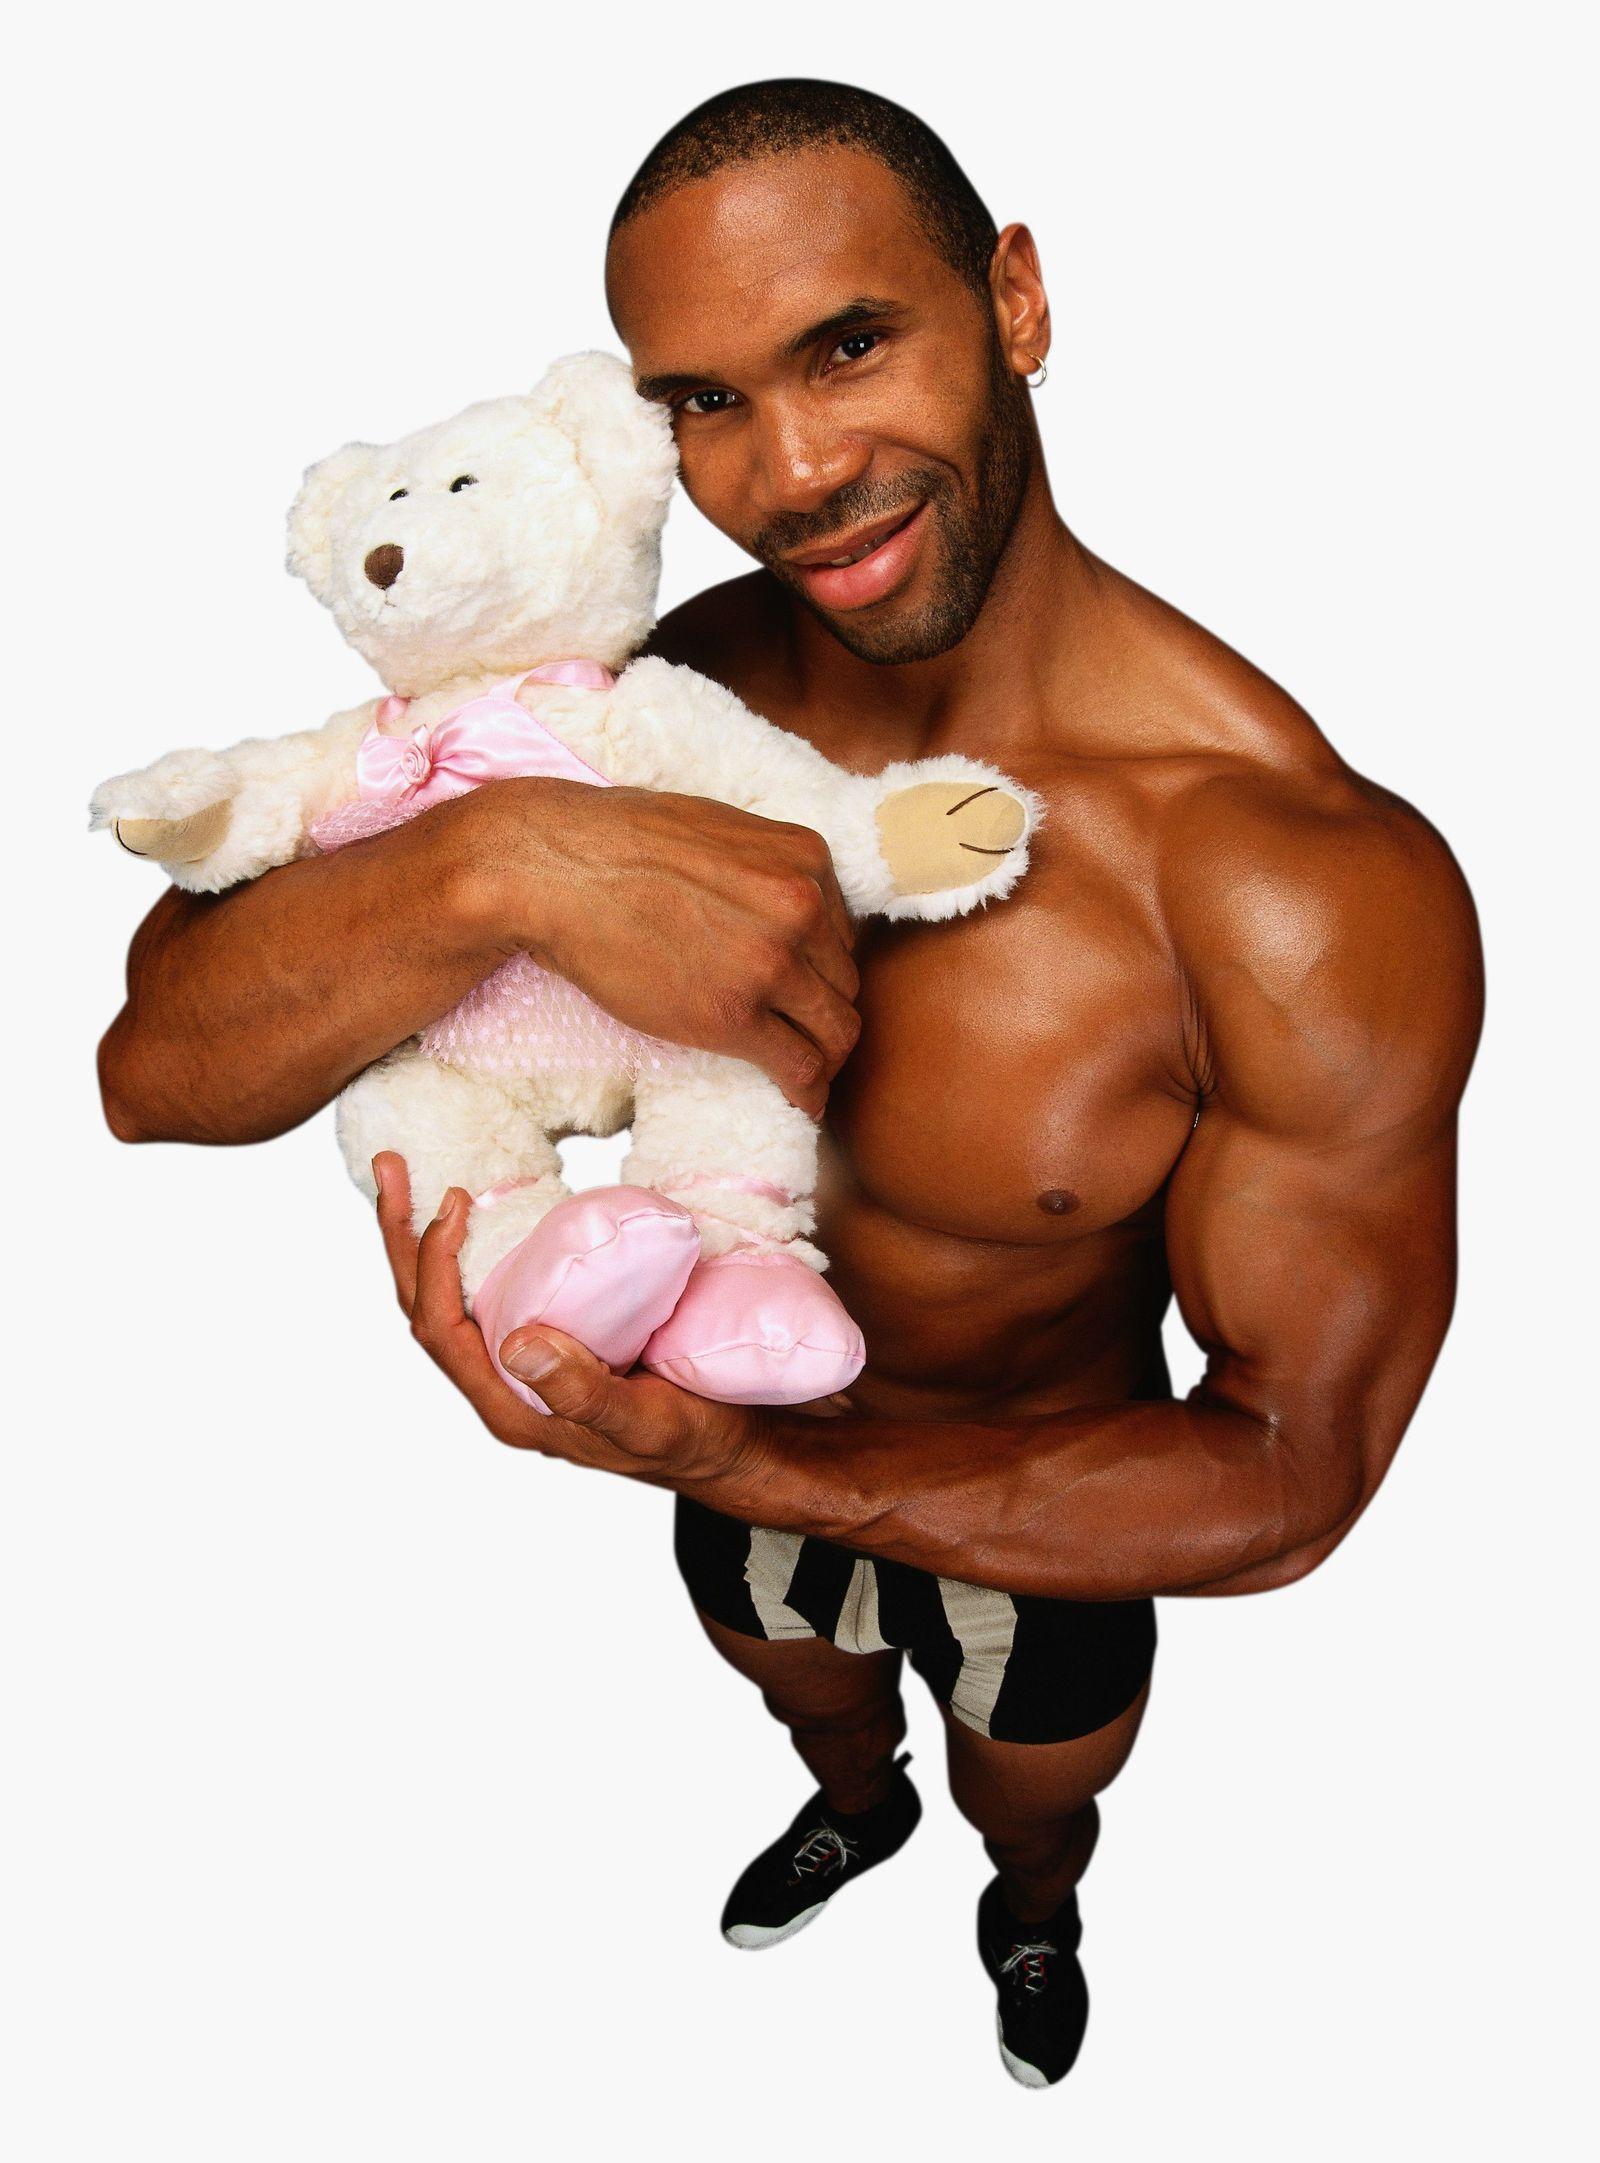 NICHT MEHR VERWENDEN! - Muskel-Mann mit Teddy